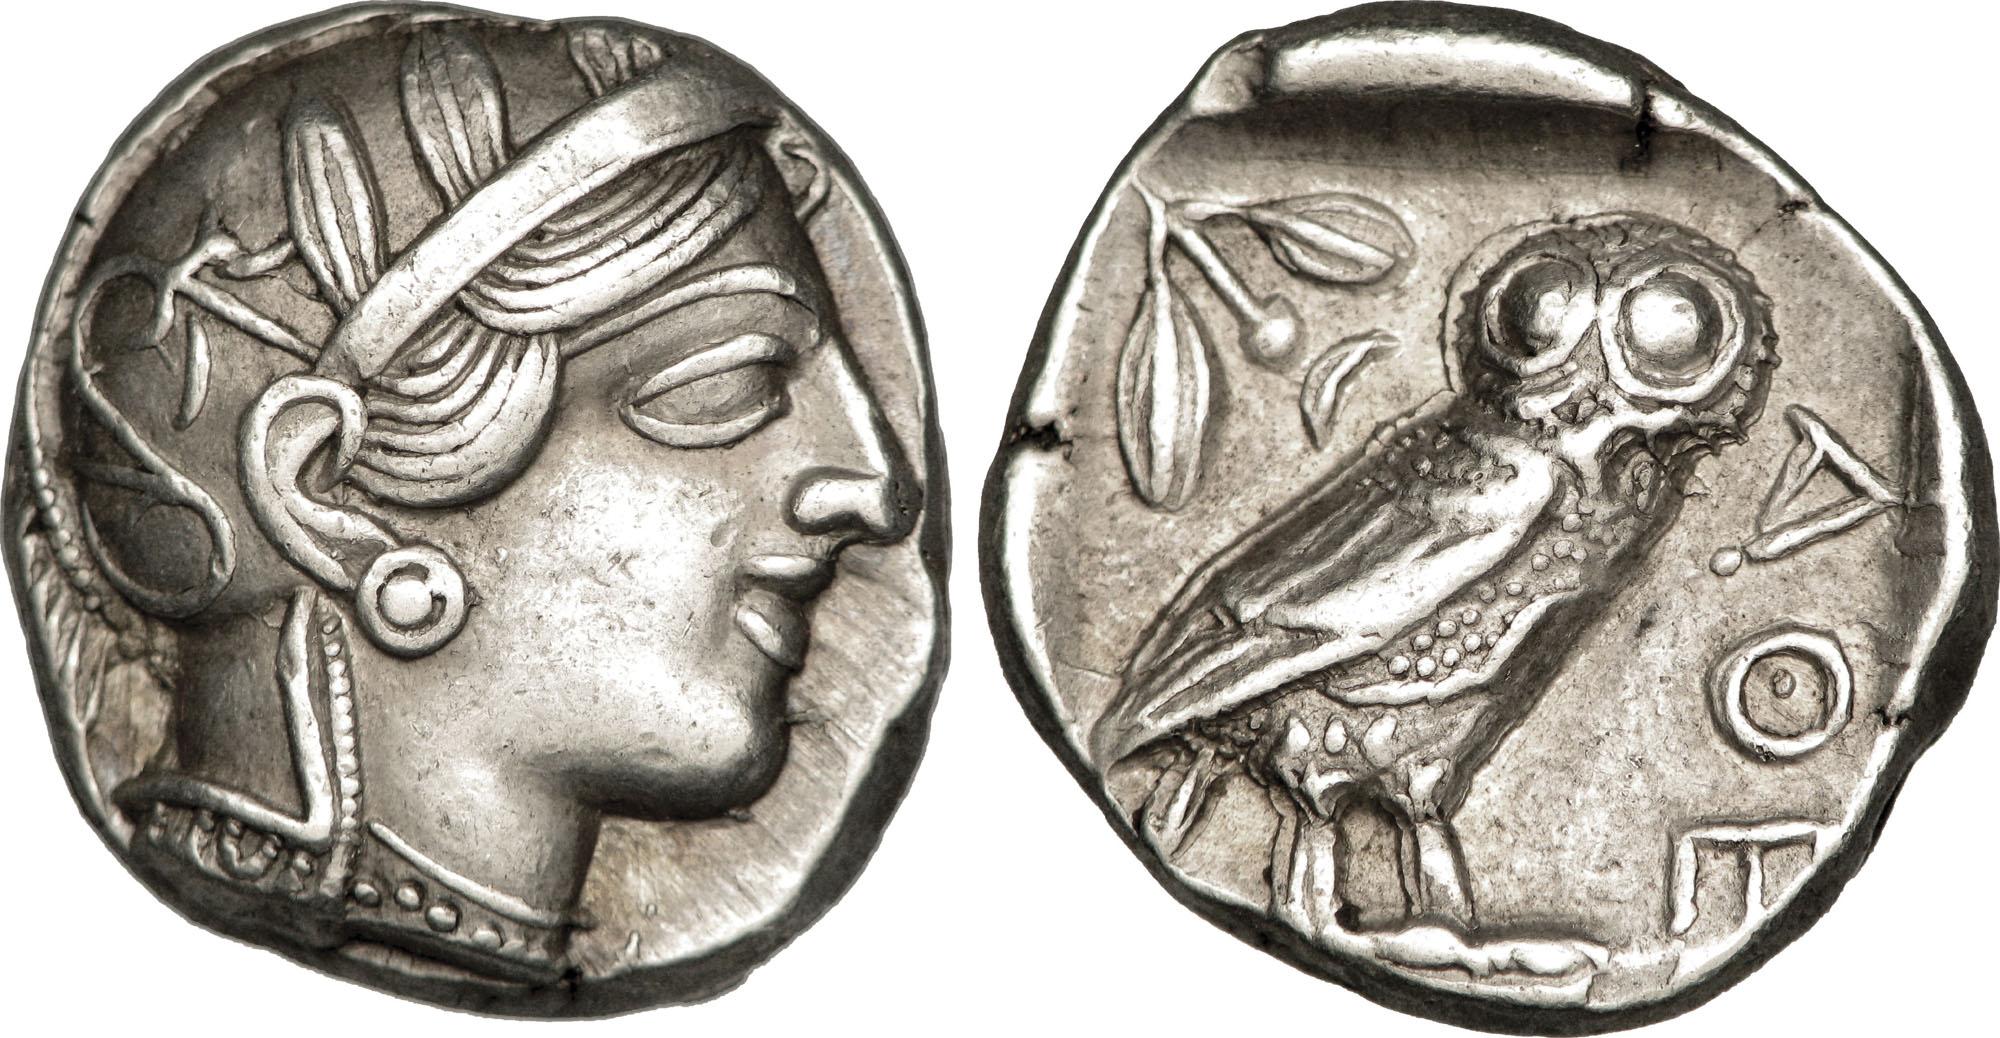 Greske guder på mynter: Athene er nok den som er avbilet på den mest kjente mynten